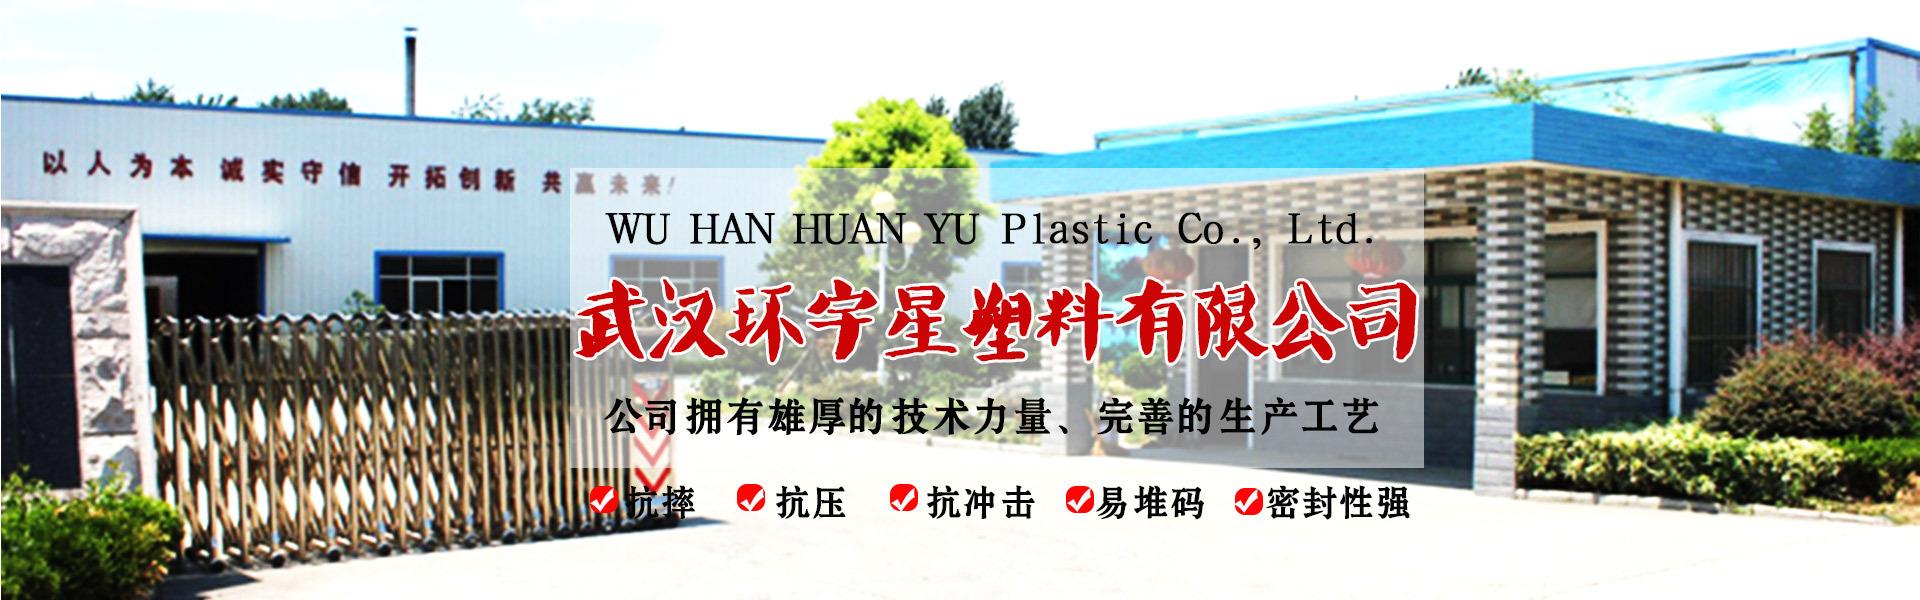 武汉环宇星塑料有限公司网站形象图